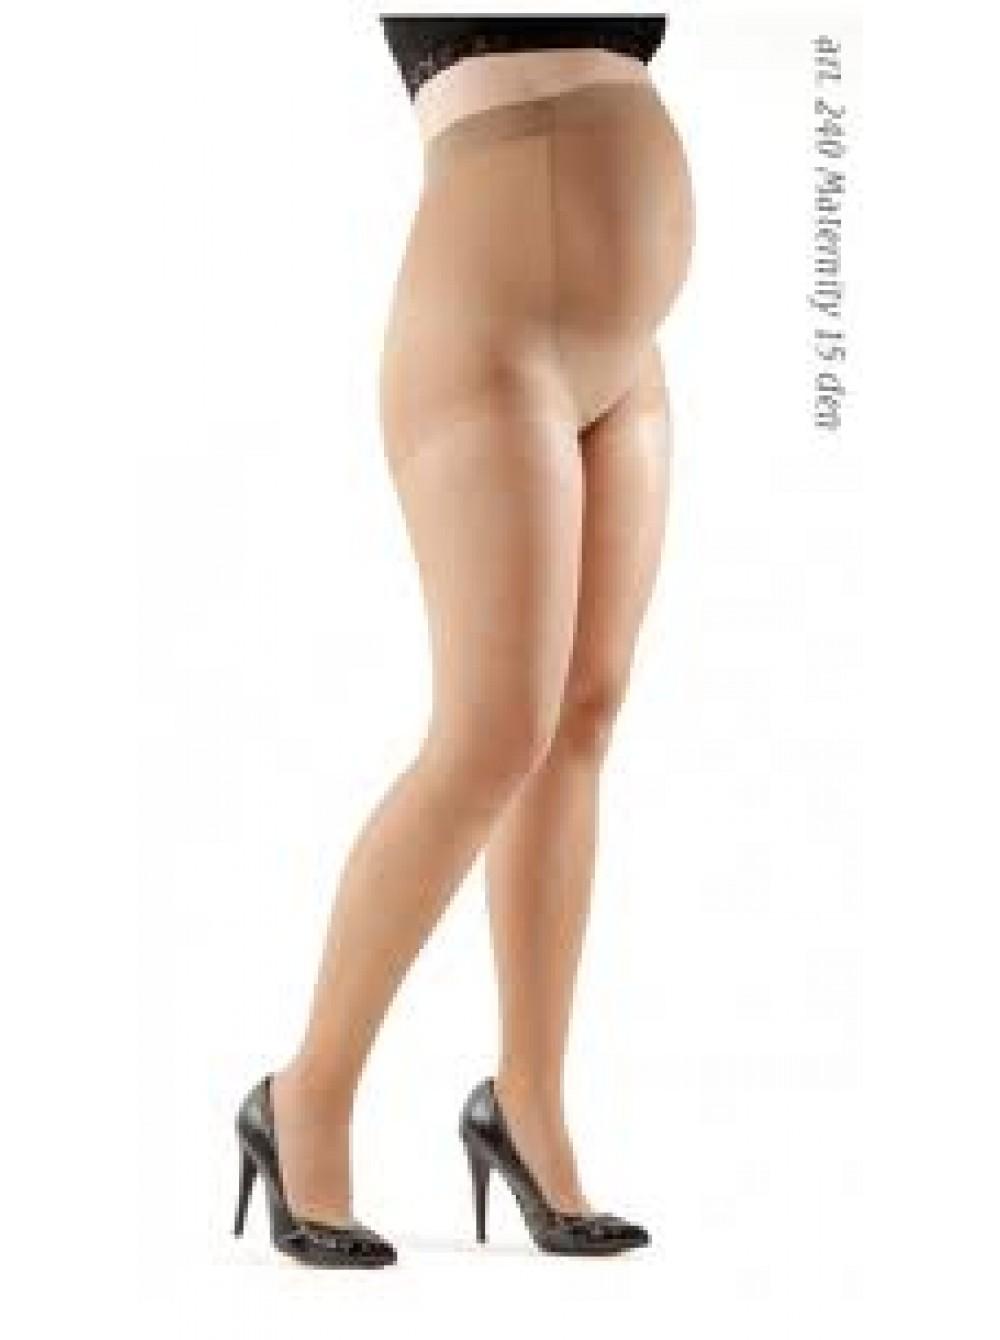 8aaa44f864f 9Kuud - Rasedate sukkpüksid 15den - rasedate riided & pesud rasedatele